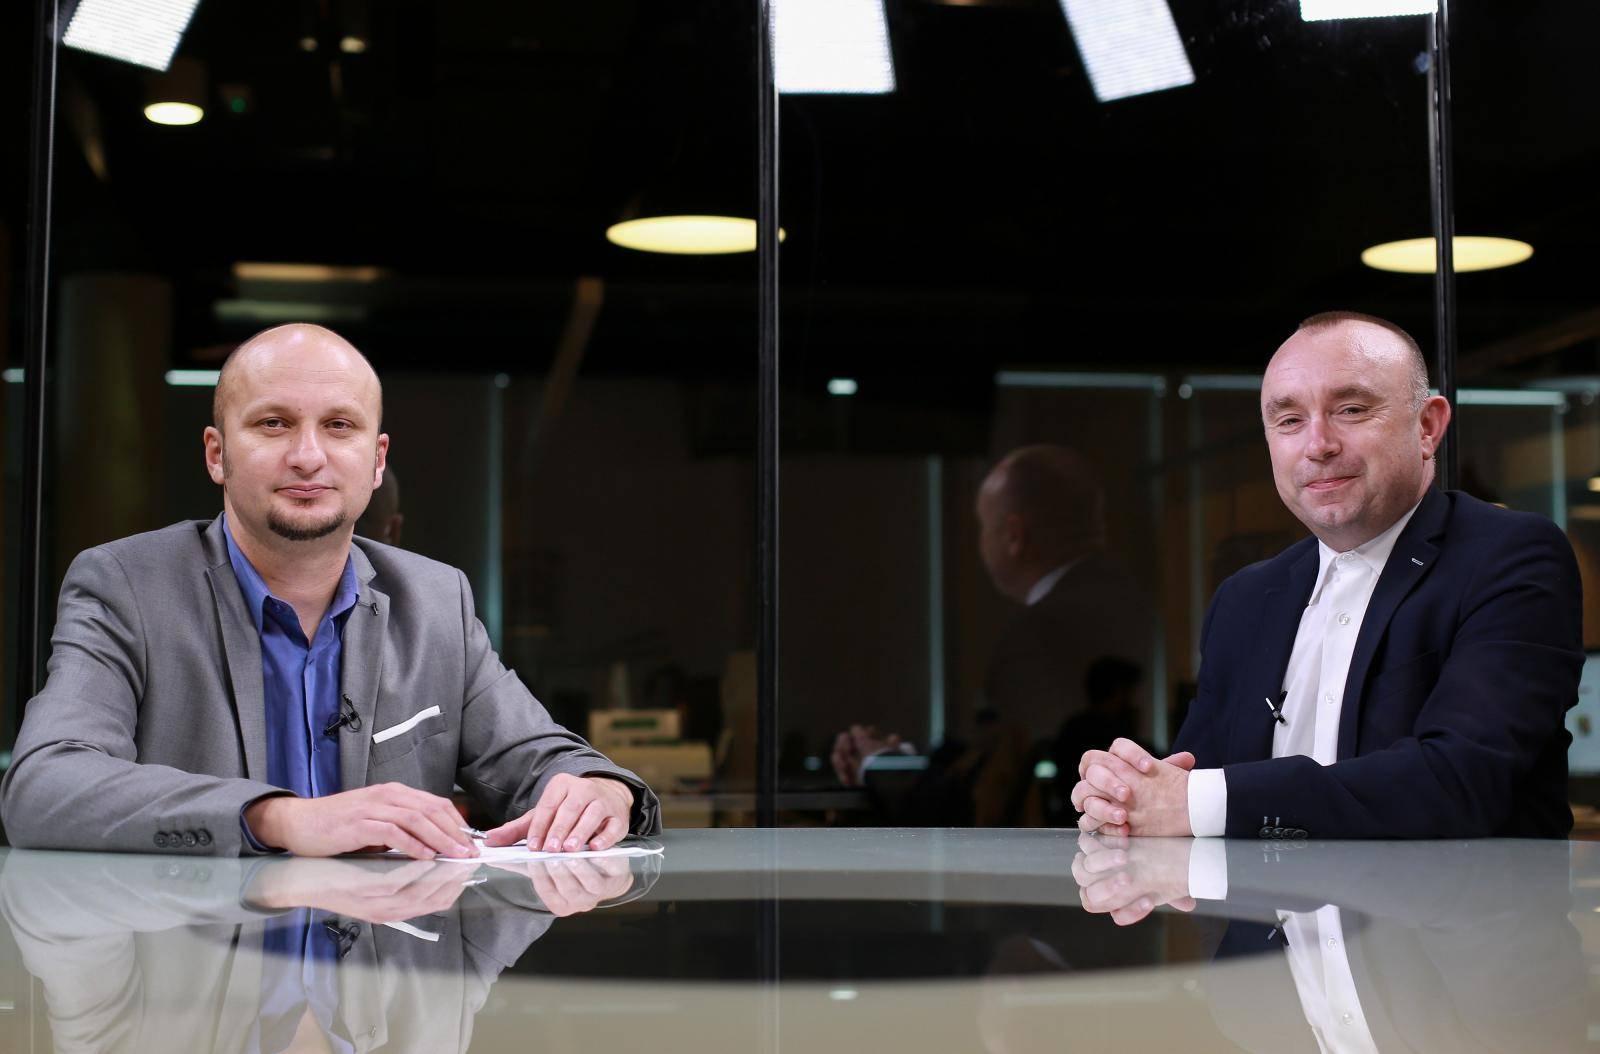 'HDZ je doživio očekivani pad, a uspjeh SDP-a je slučajnost'